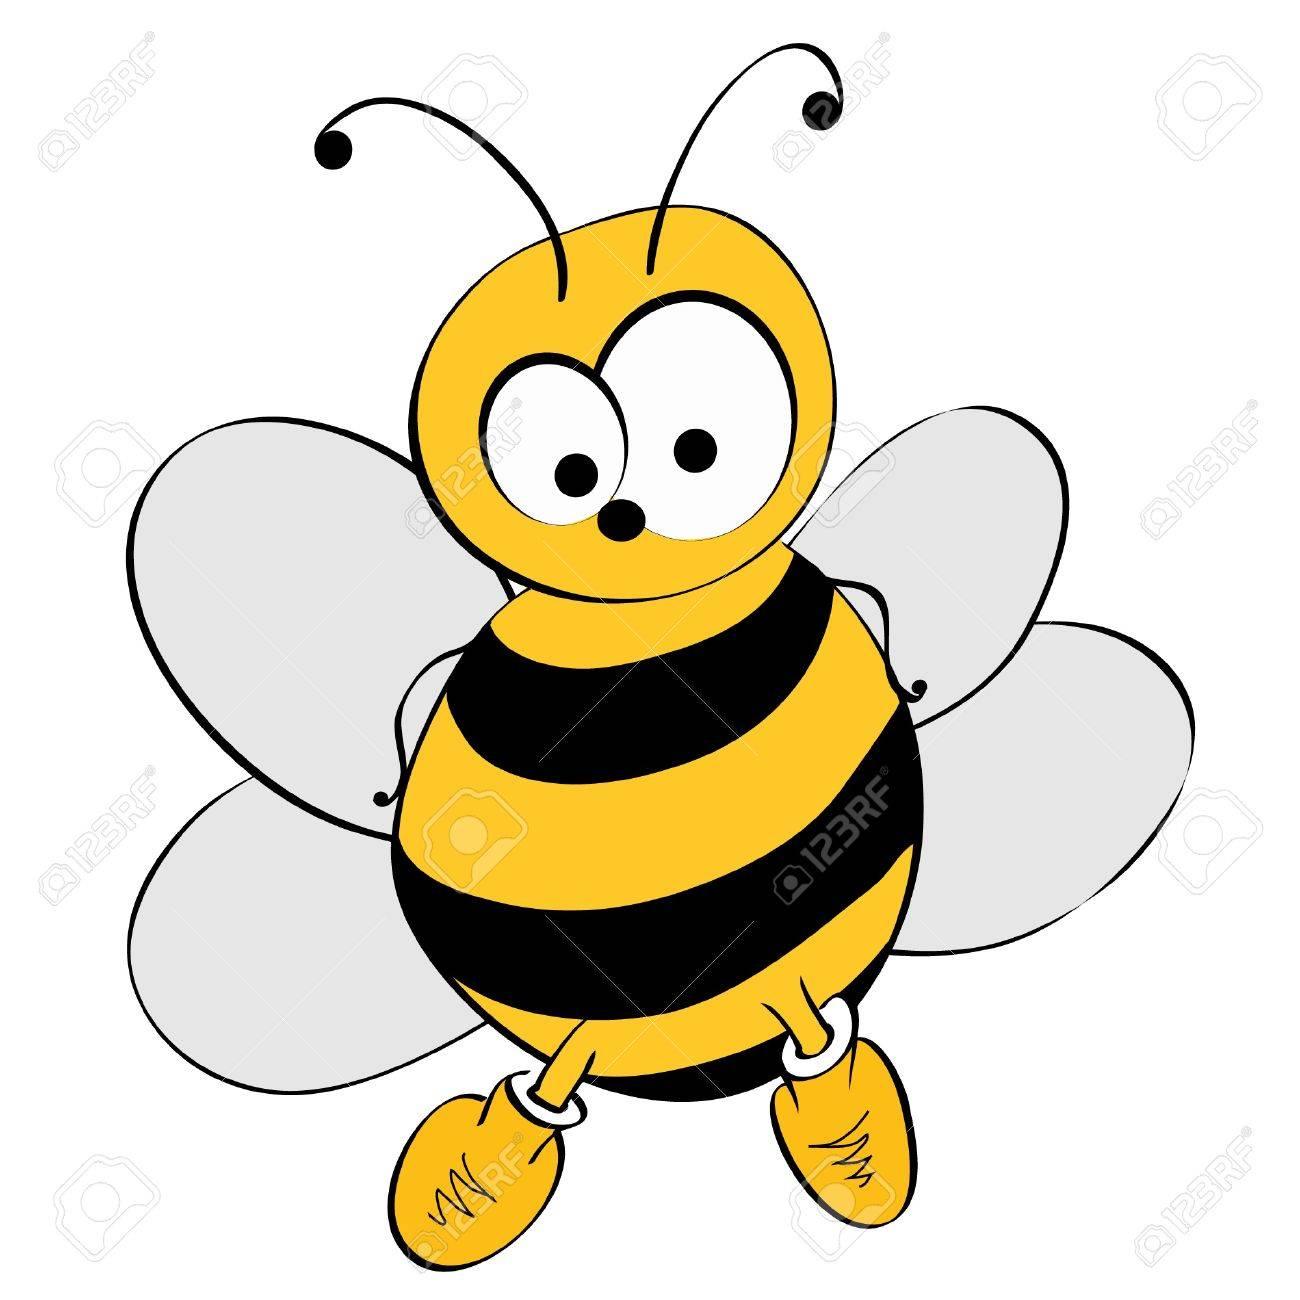 Bee. Stock Vector - 9359454